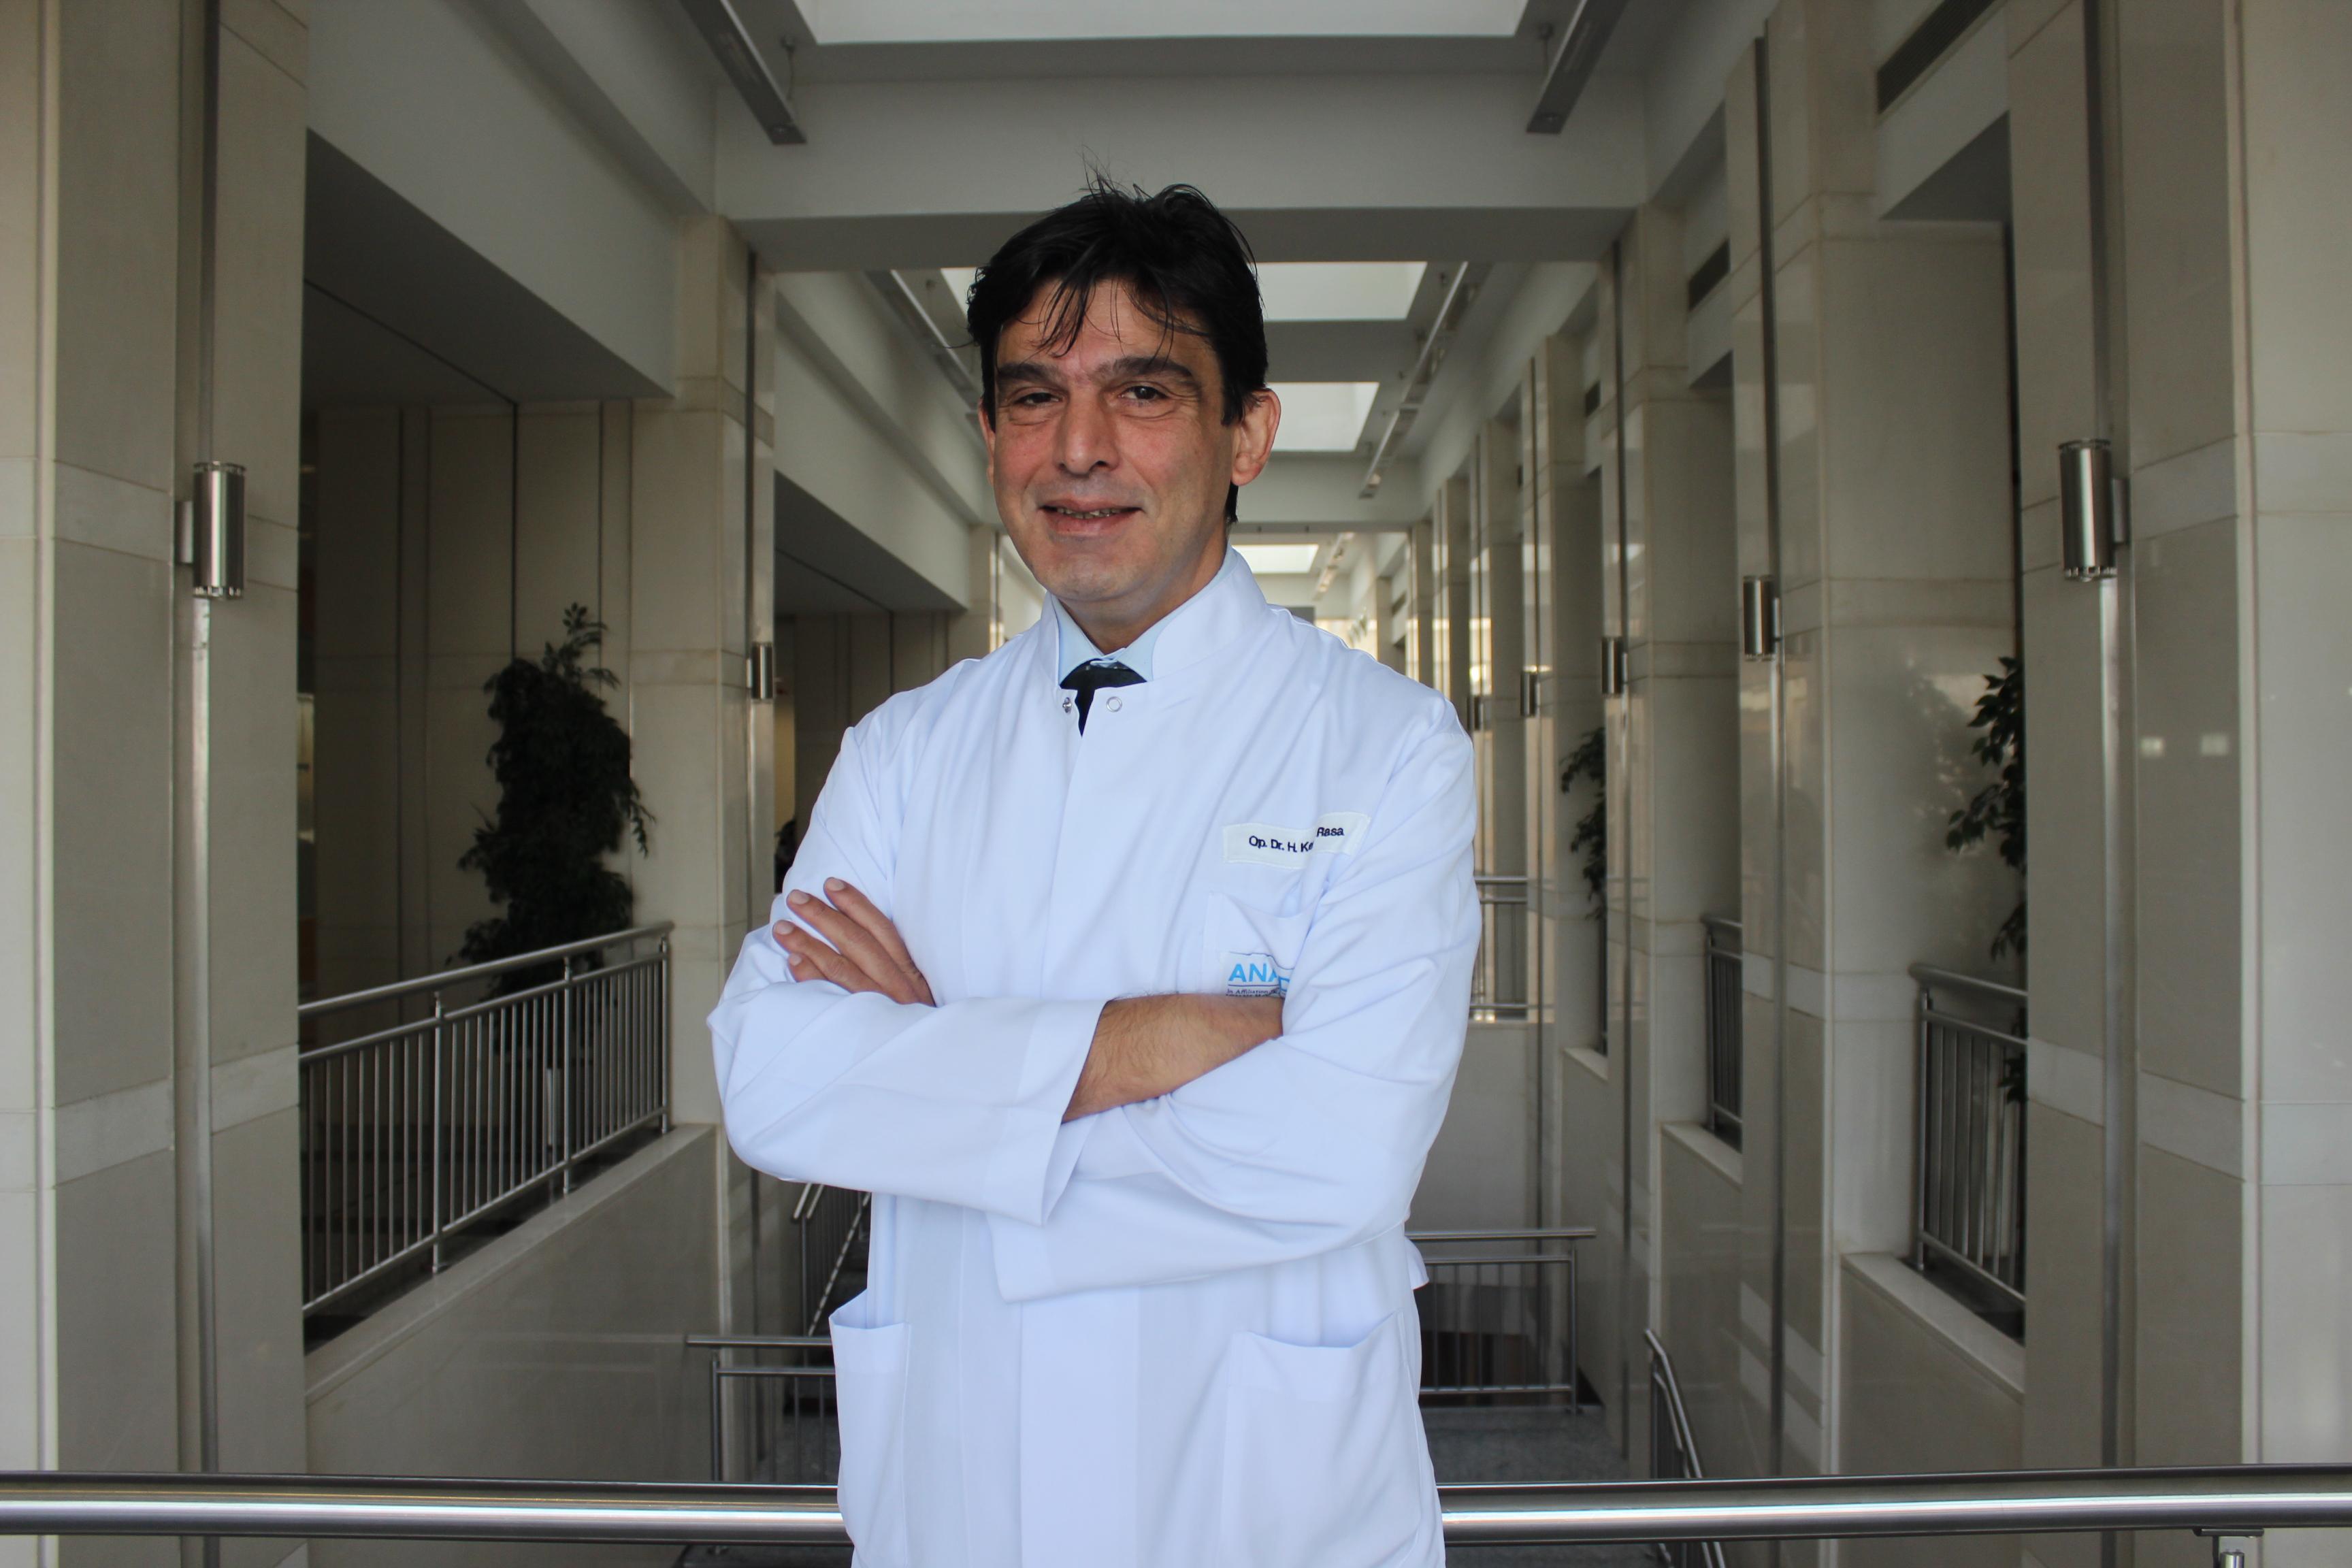 Кемаль Раша — квалифицированная помощь в медицинском центре Anadolu